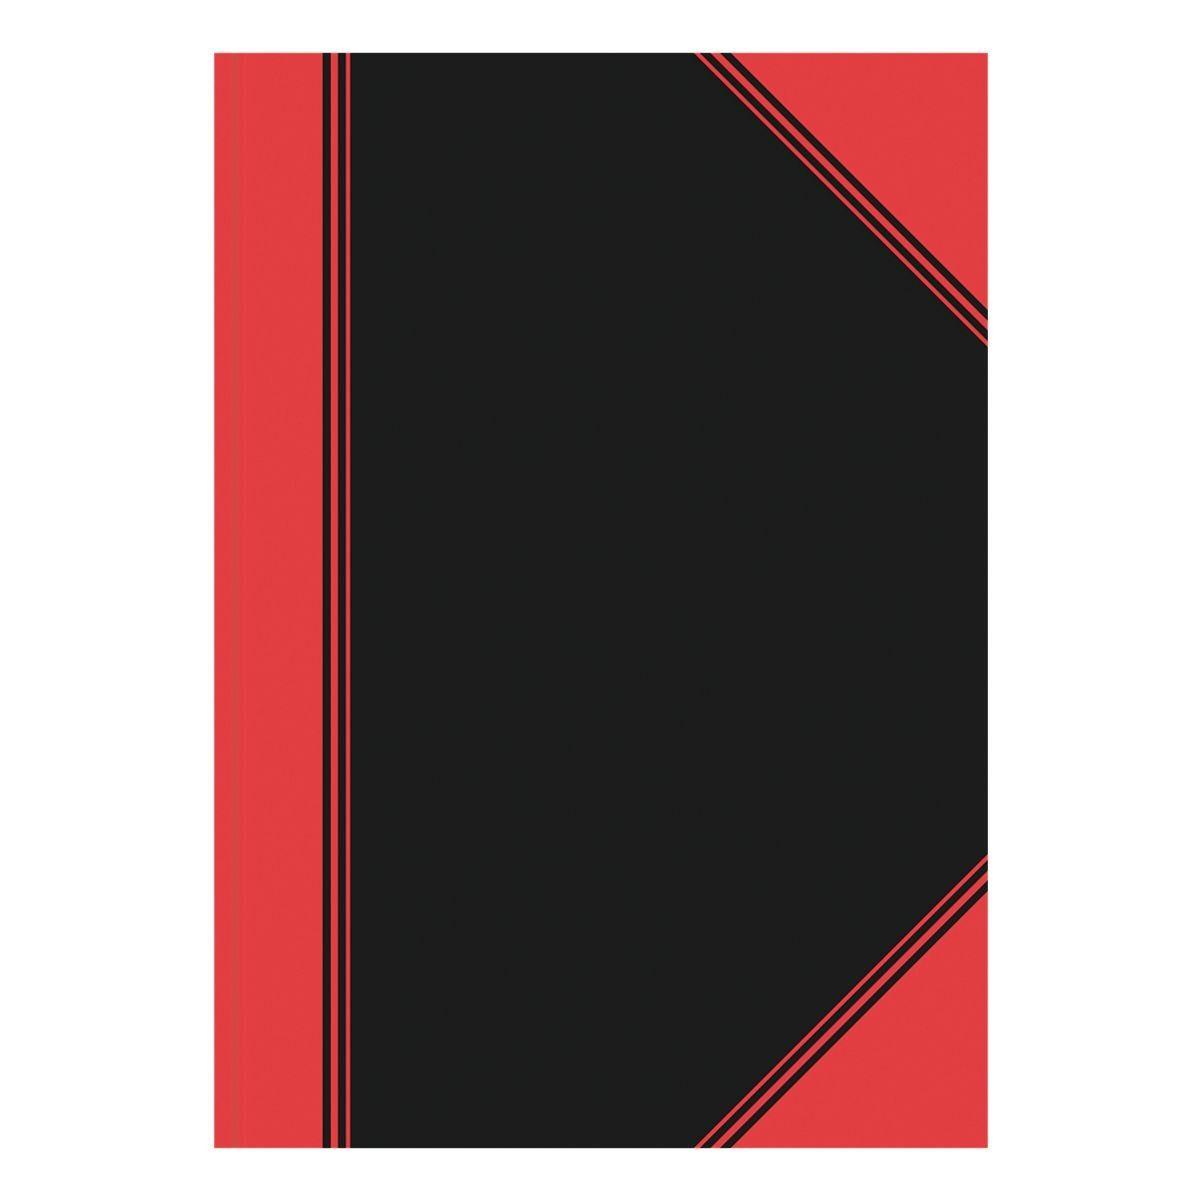 LANDRE Notizbuch 100302822 A7 kariert - 192 Seiten »Chinakladde«